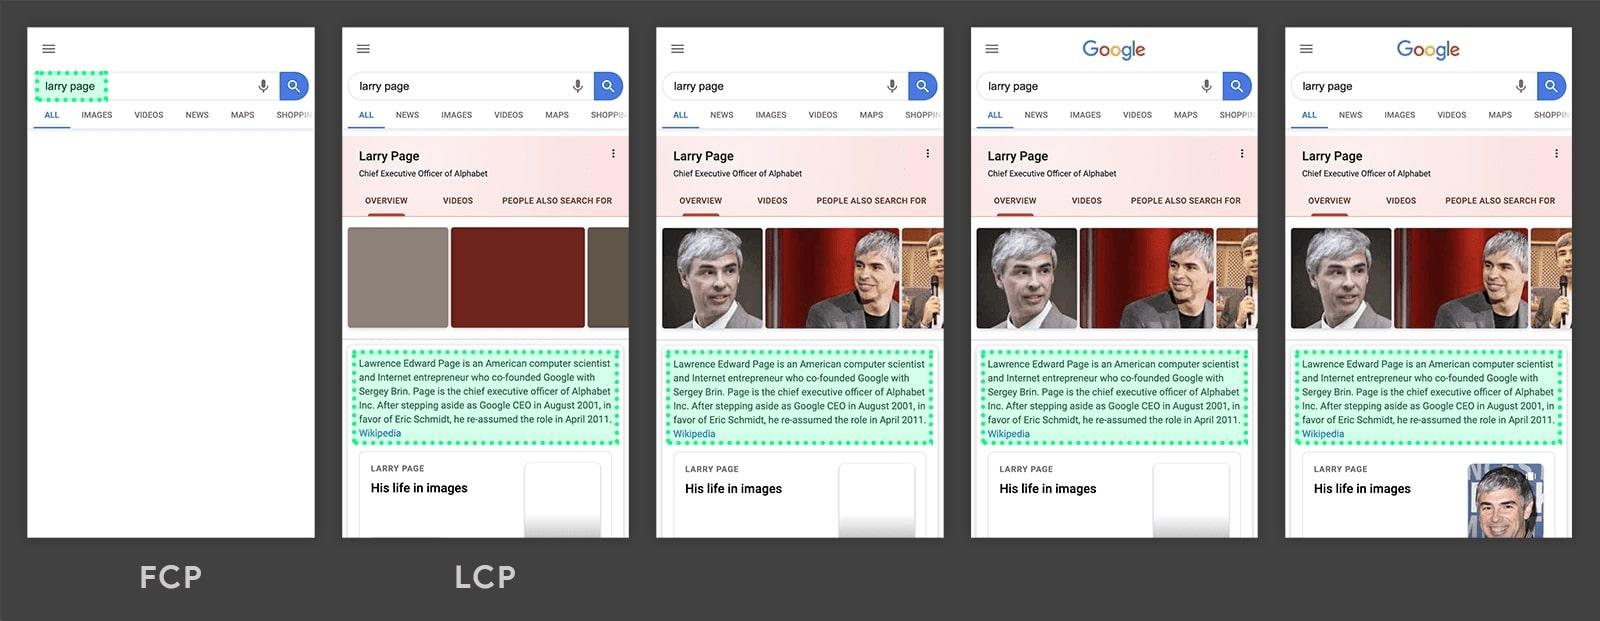 مقایسه LCP و FCP در گوگل